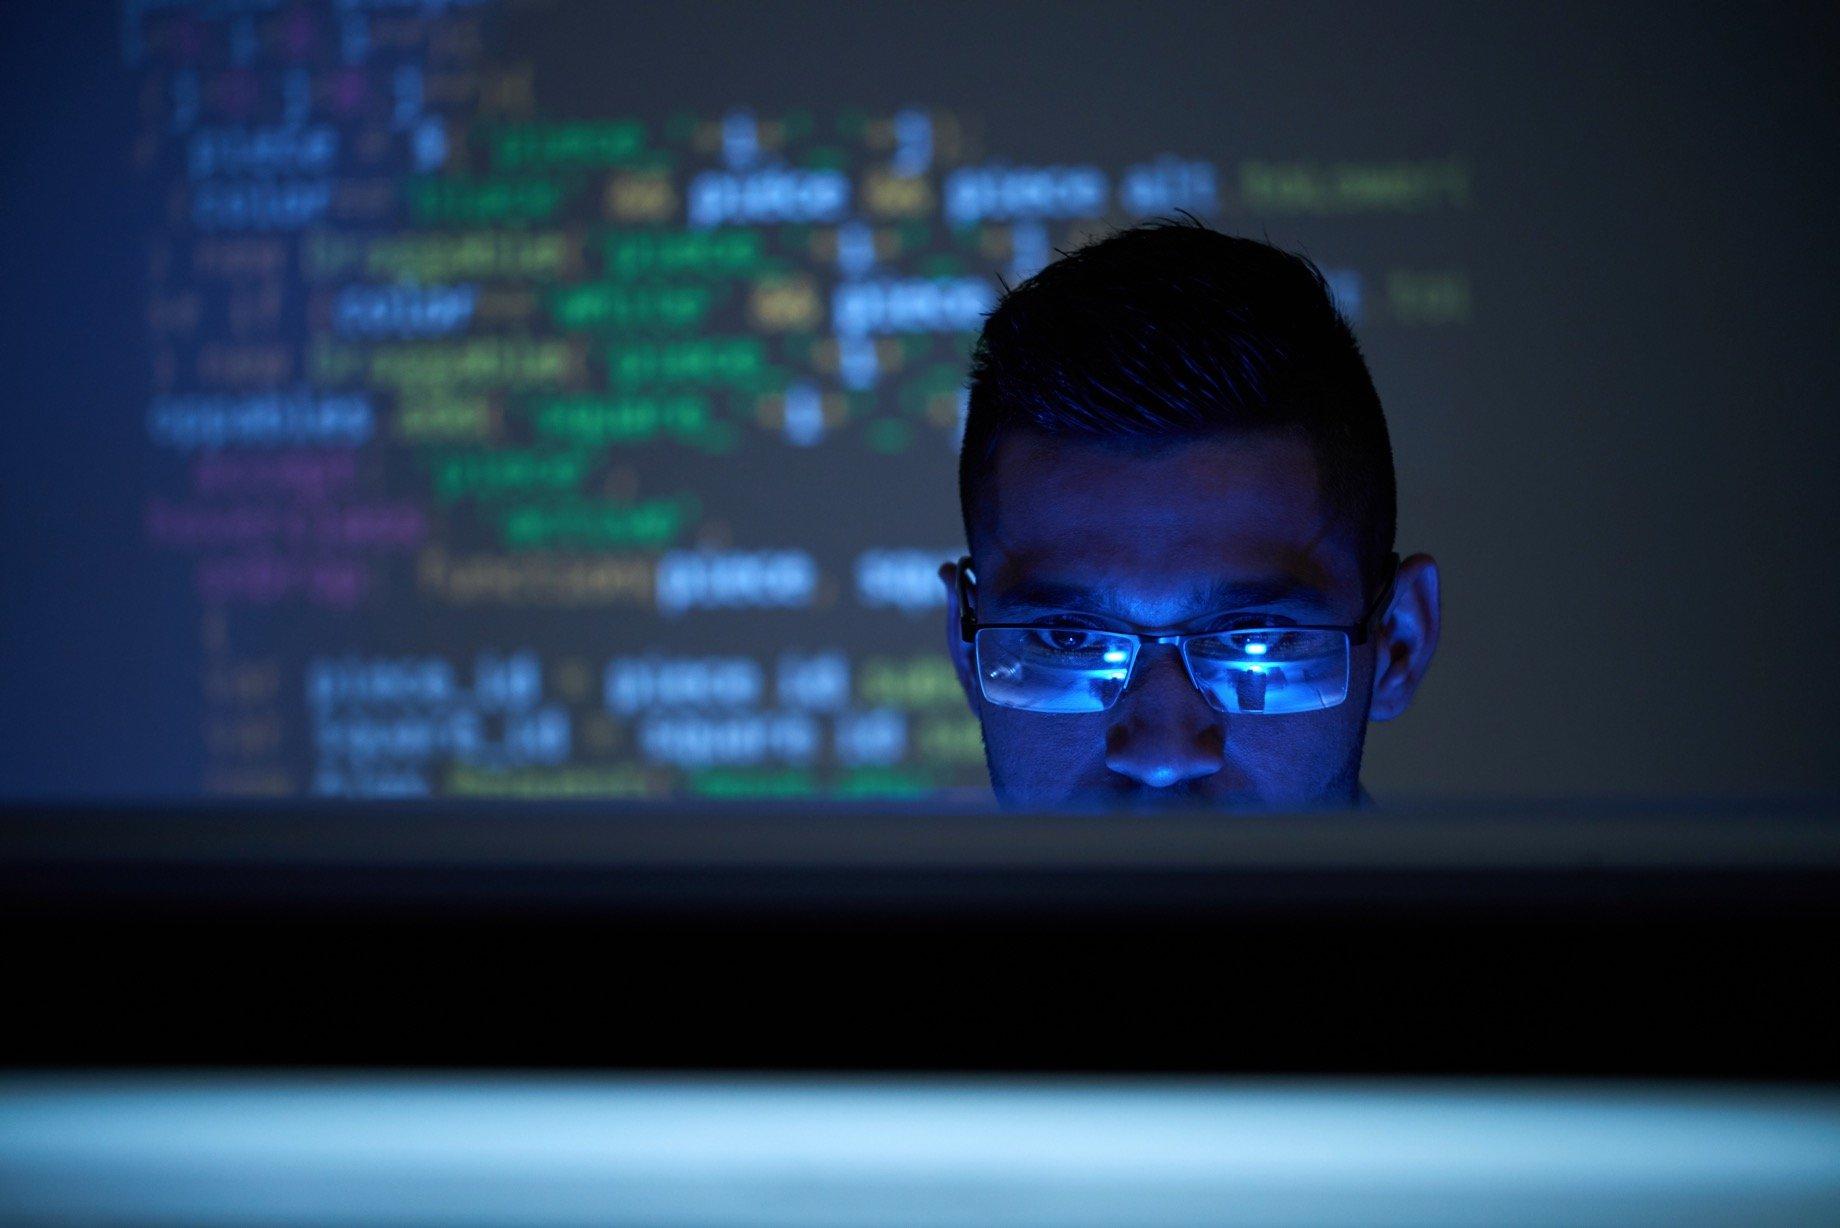 chequear web fallos de seguridad wordpress